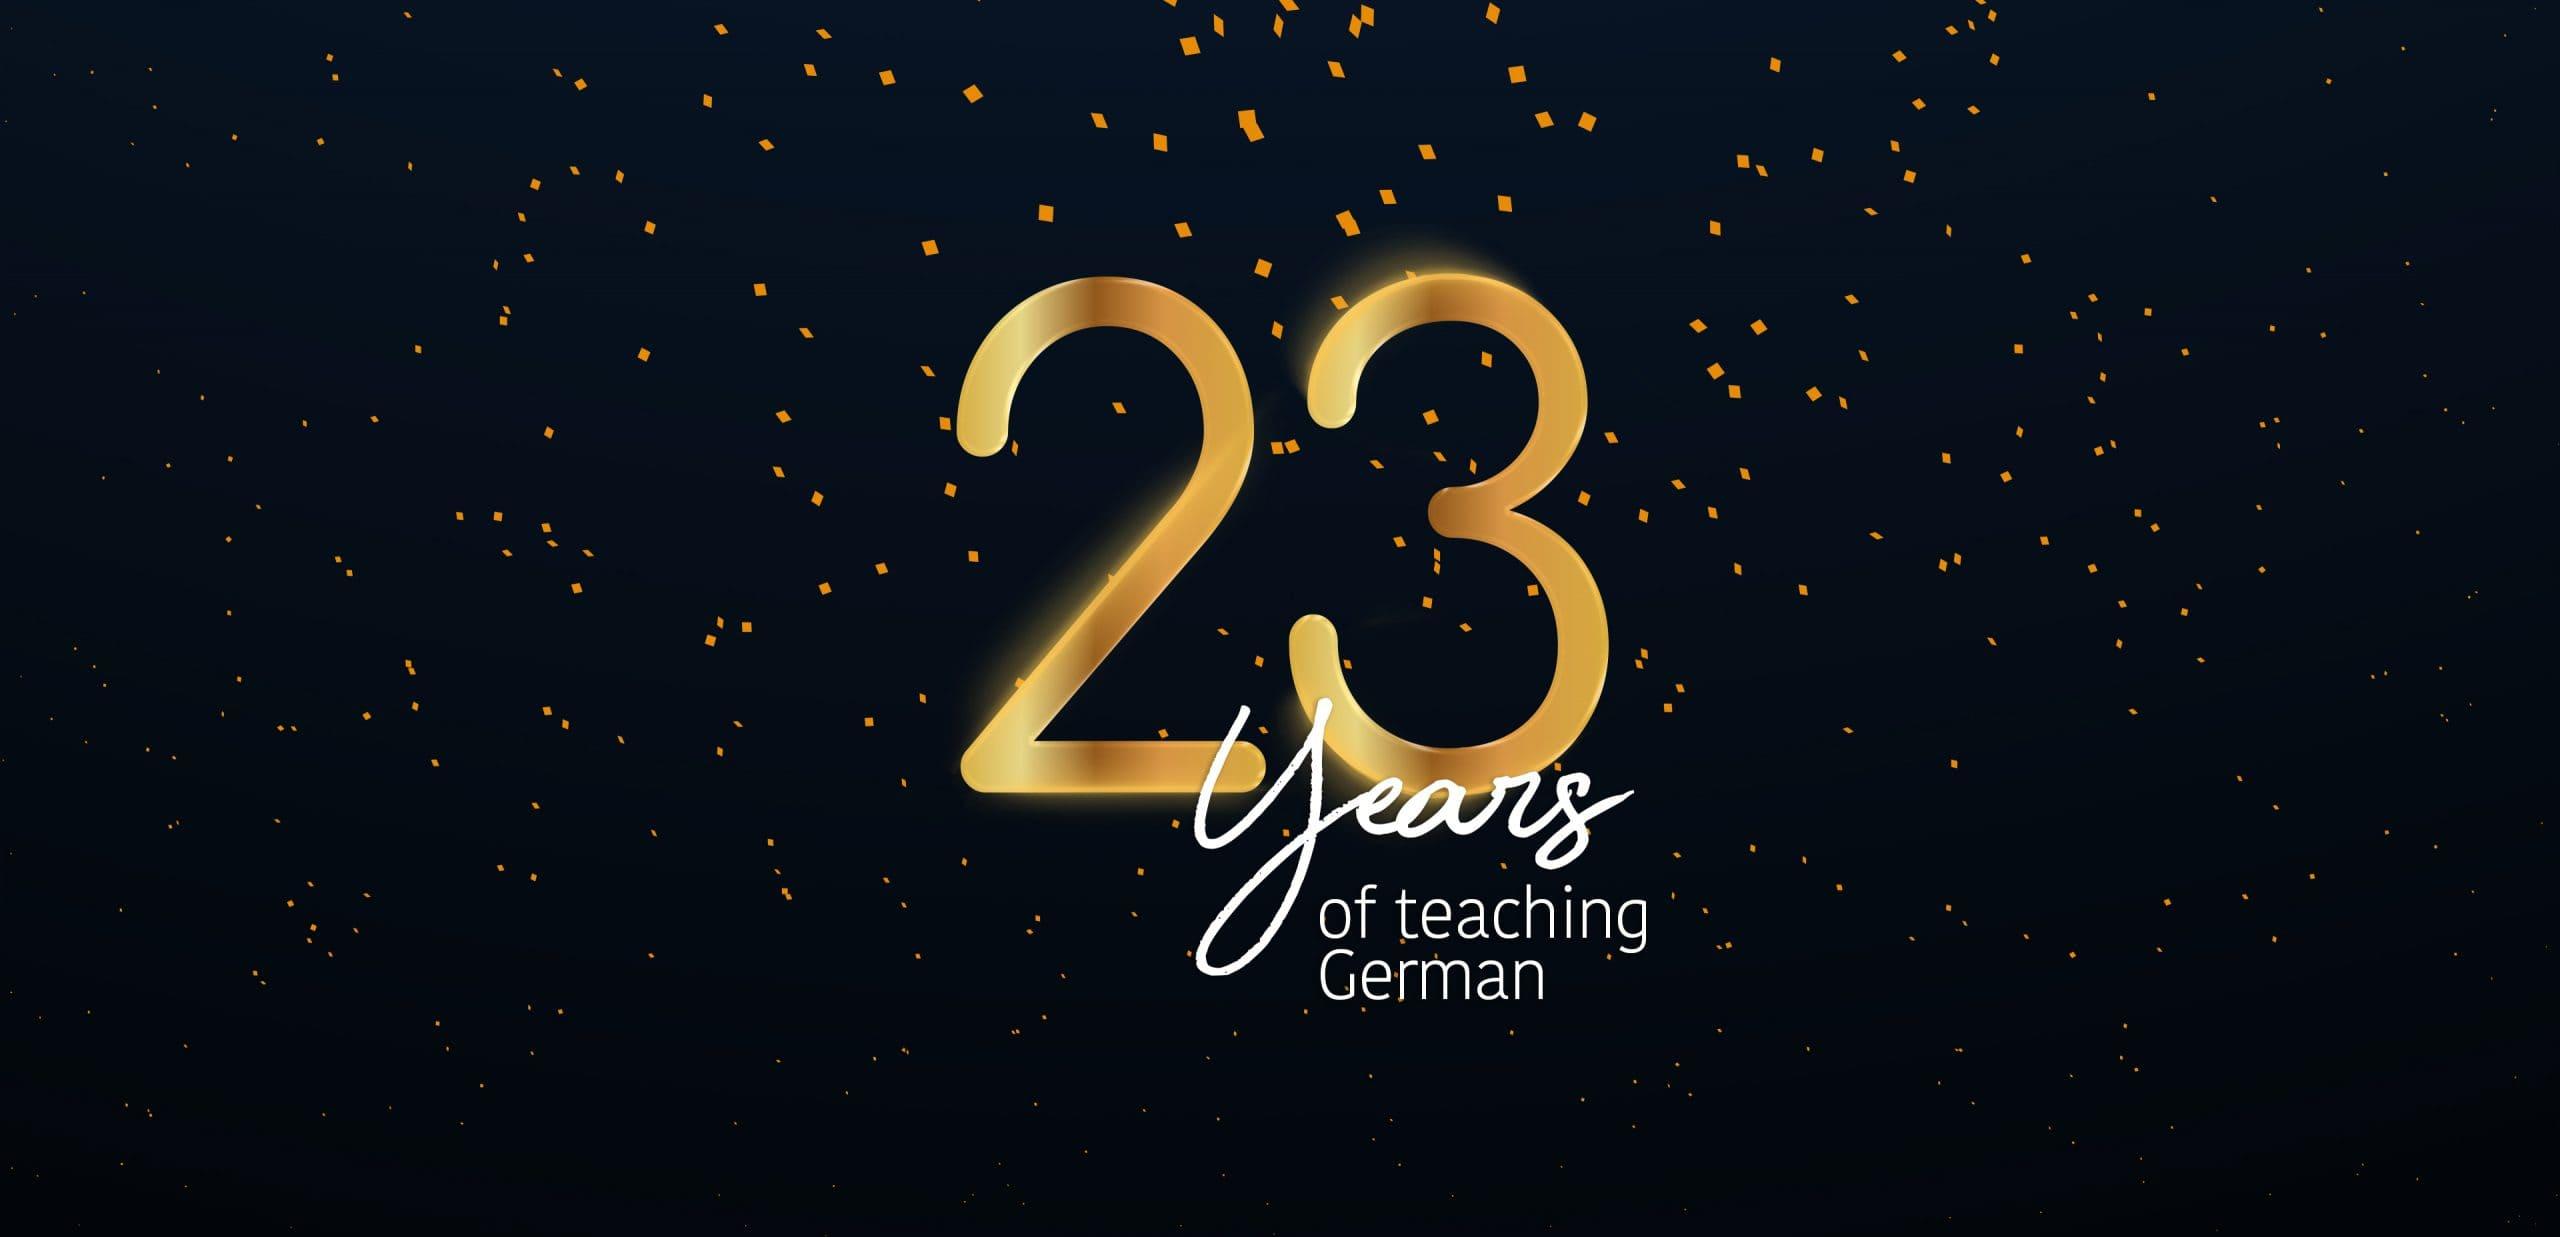 ÄDK 23 years